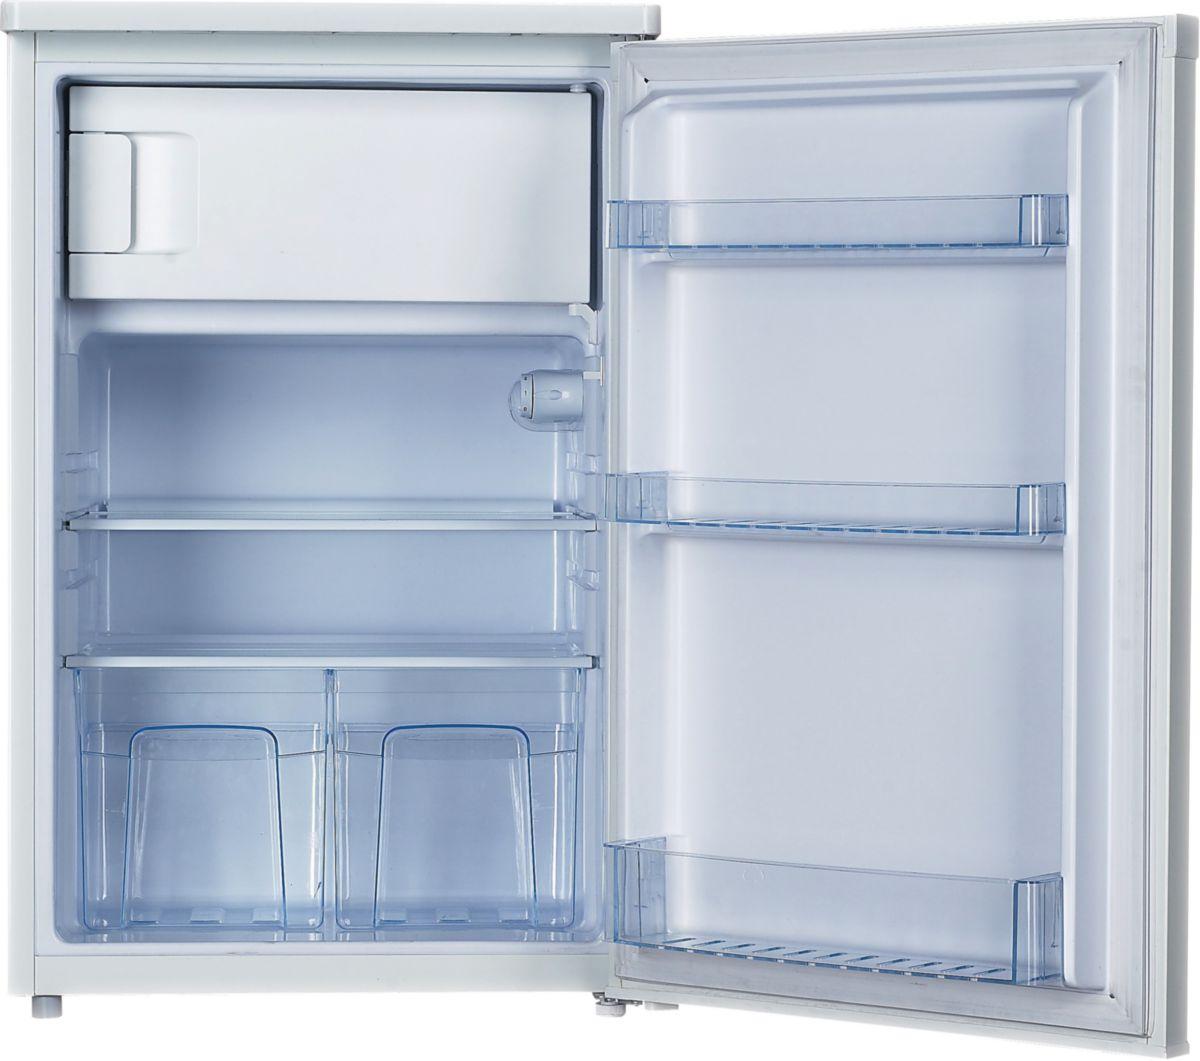 r frig rateur kitchenette 55 cm 114 l a r f 047398 franke. Black Bedroom Furniture Sets. Home Design Ideas